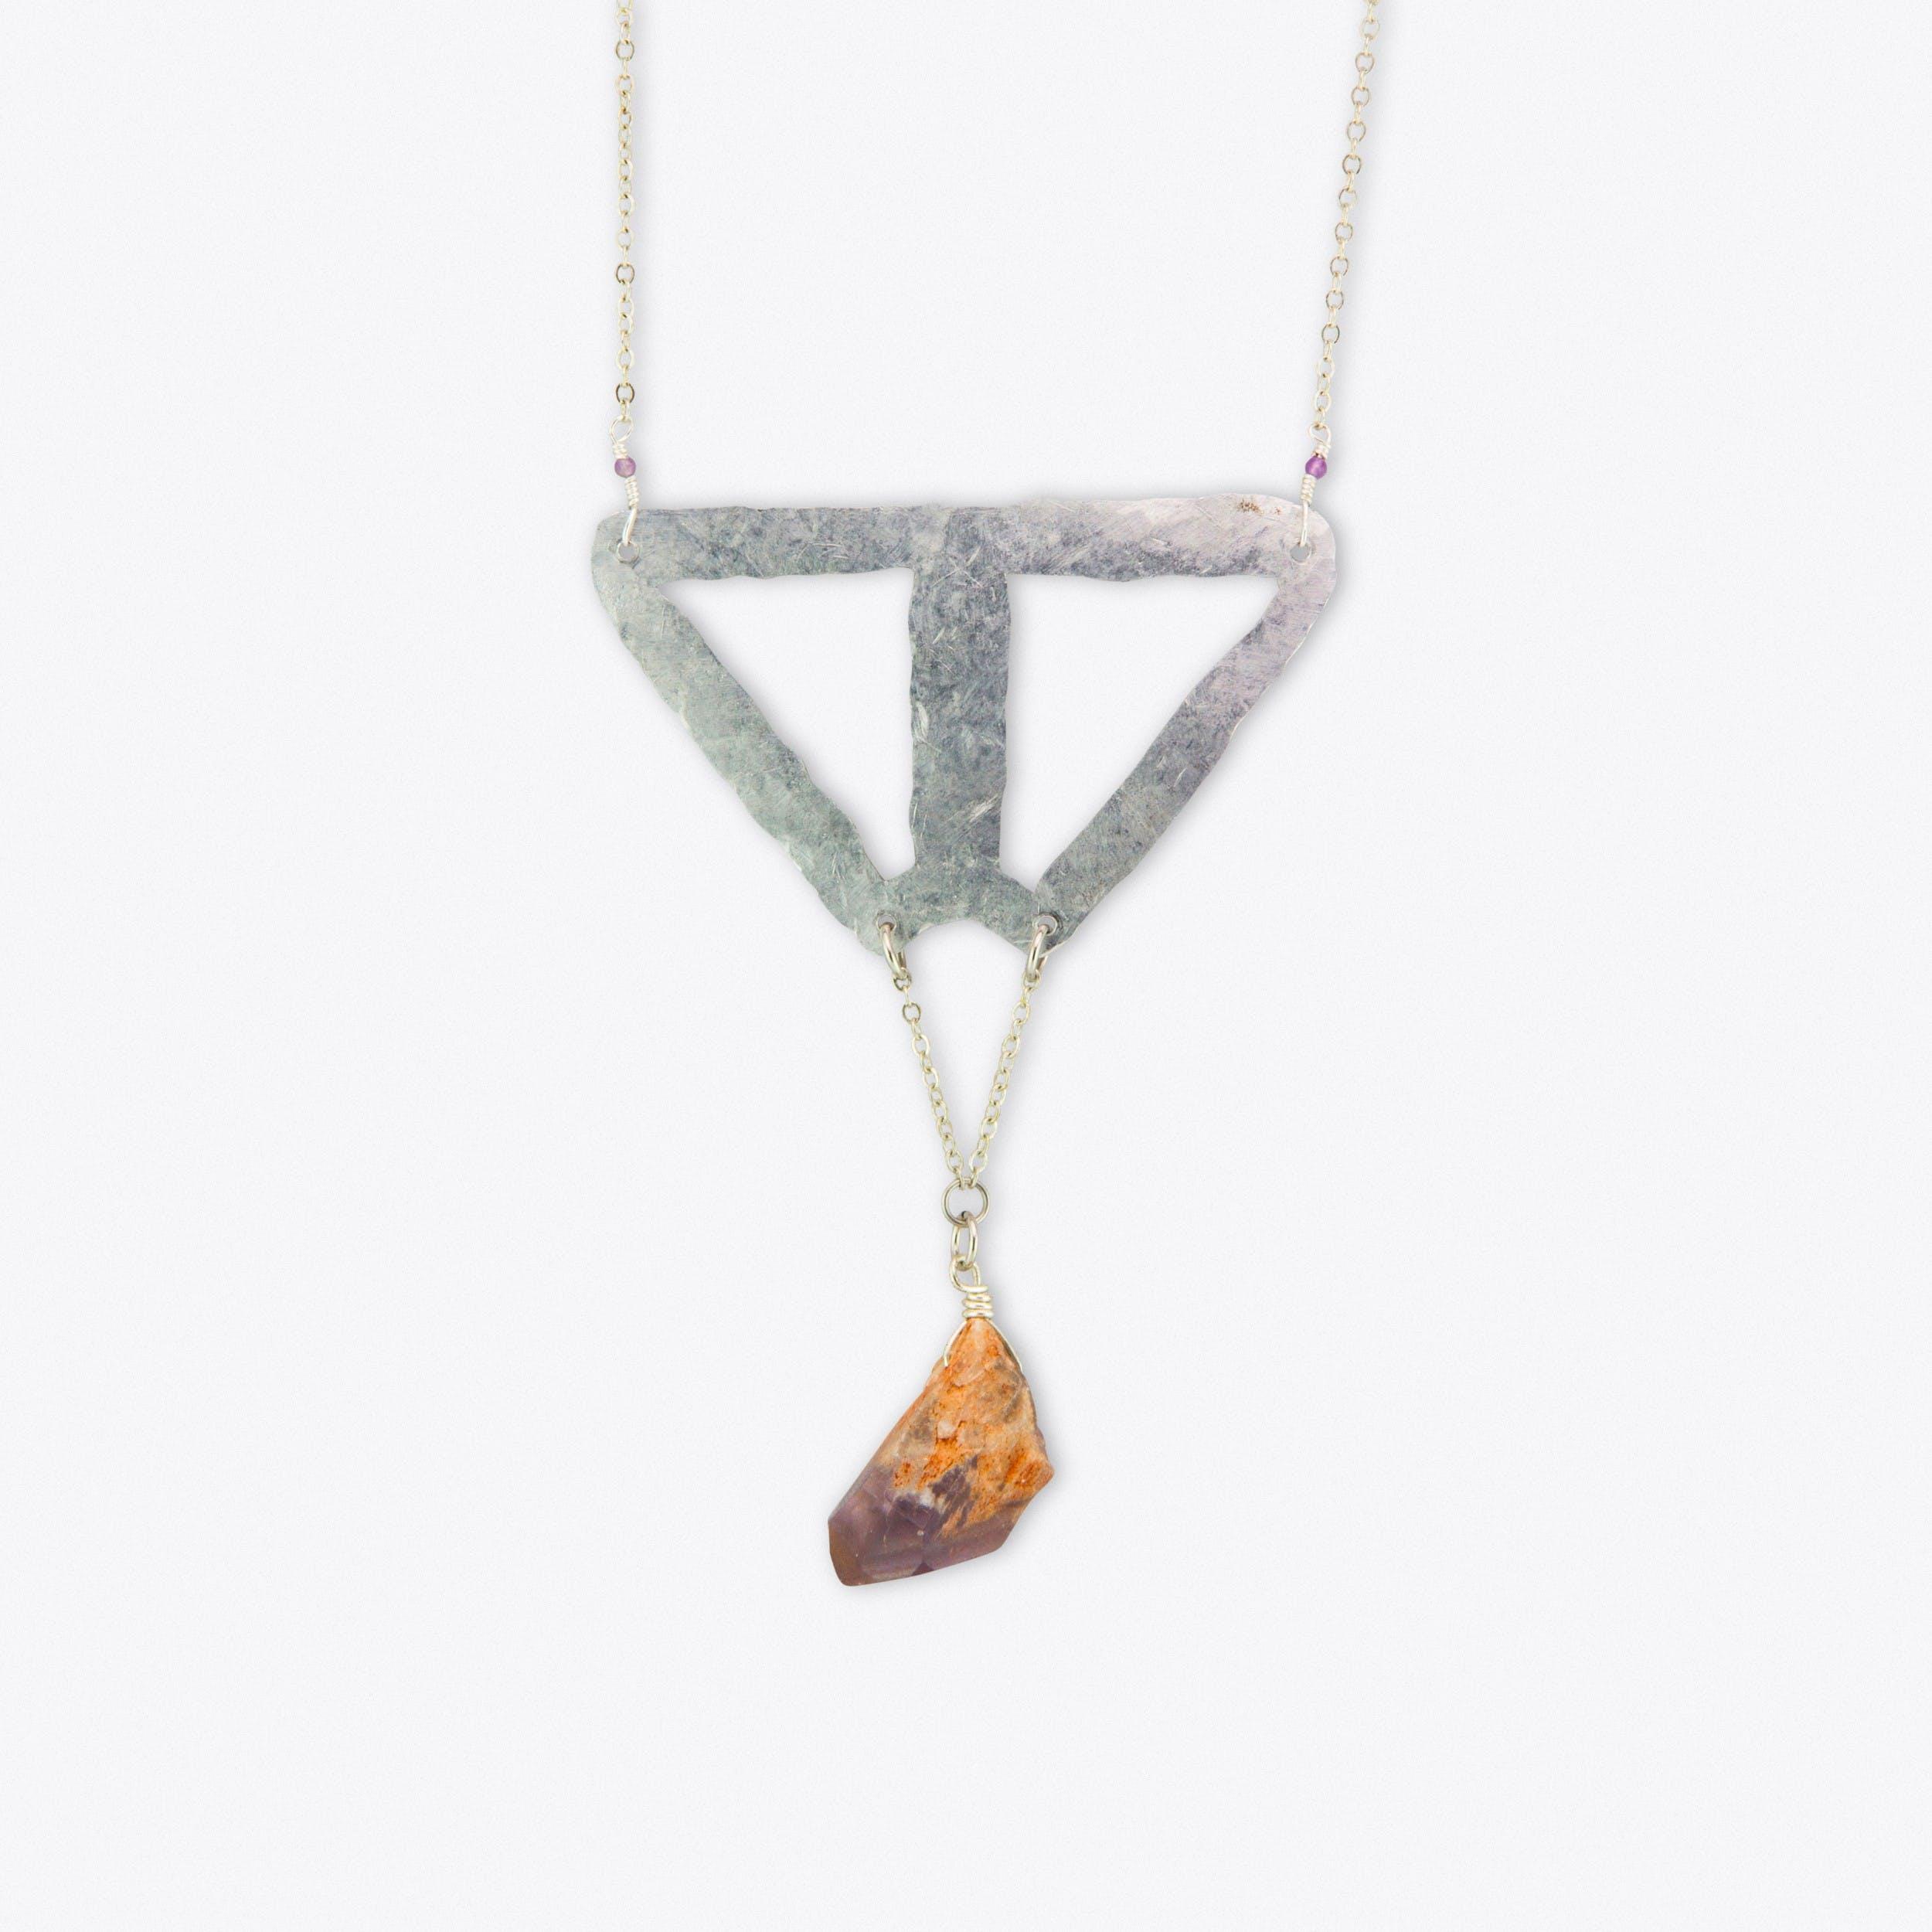 Triangle Pendulum Necklace